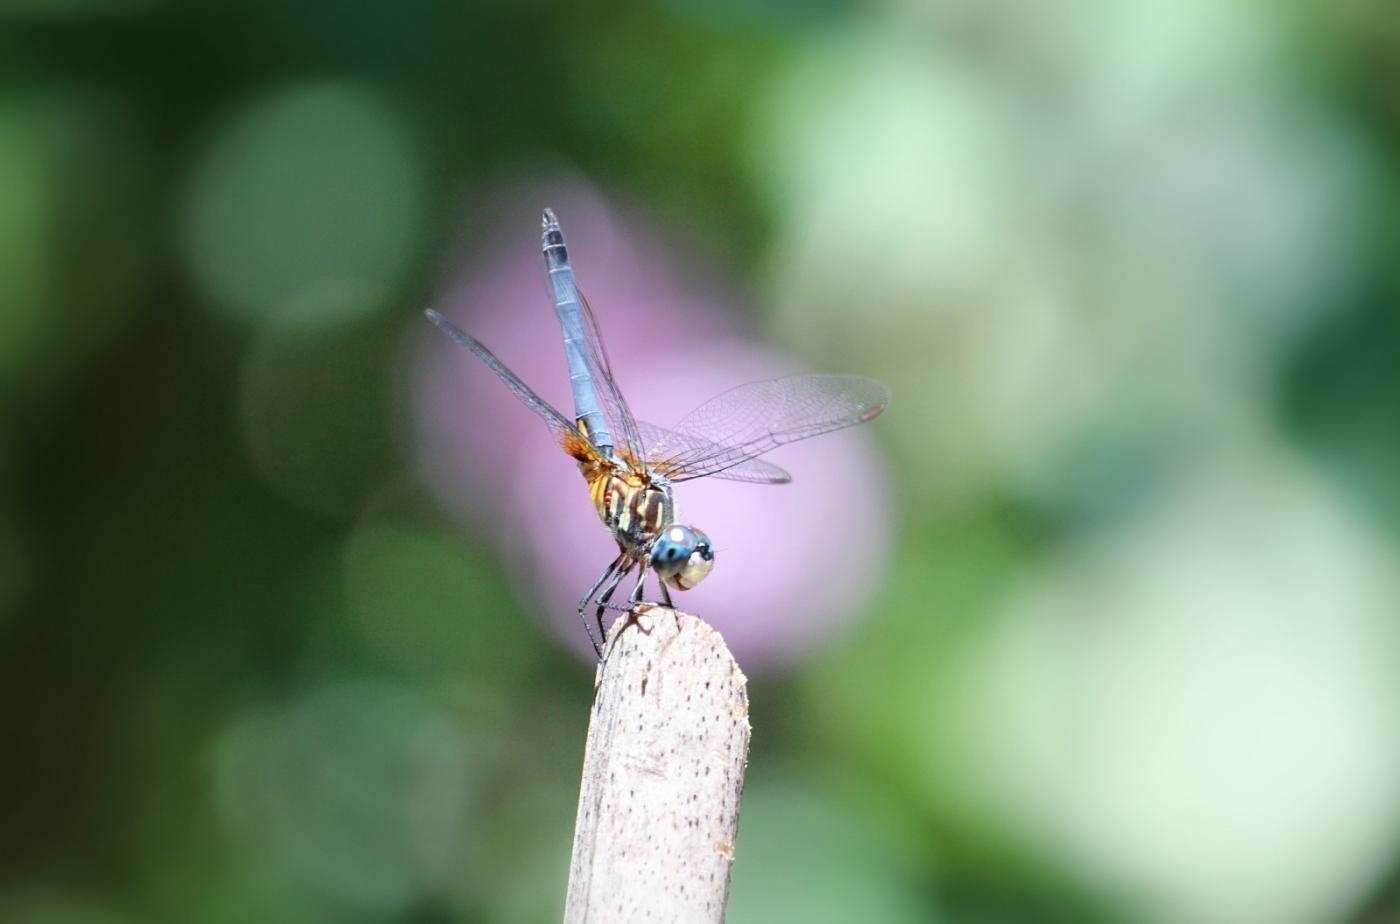 【田螺摄影】院子里的蜻蜓_图1-5